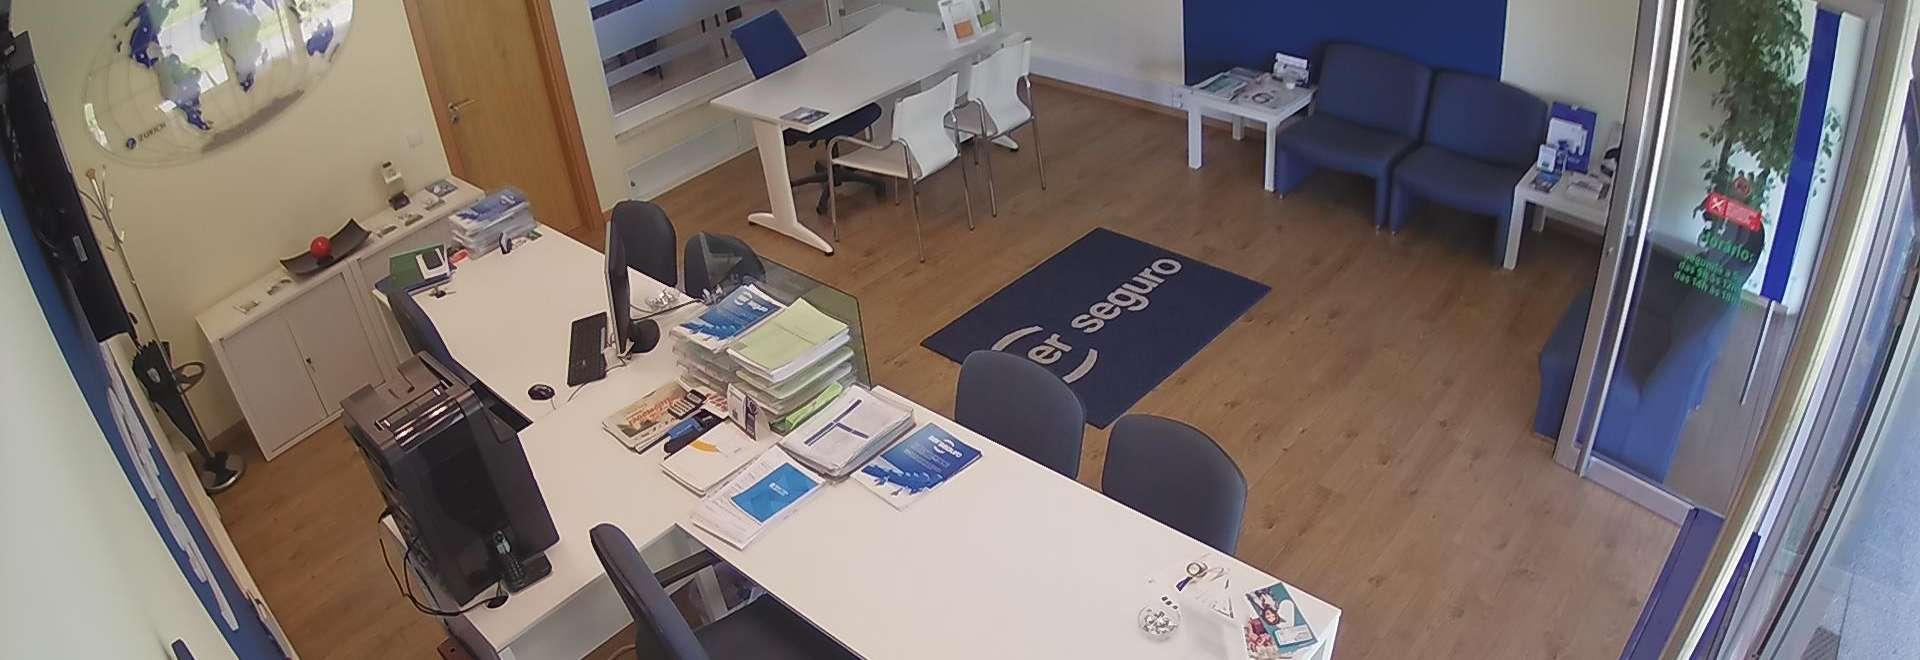 Serseguro - Quem somos e onde estamos - Os nossos escritórios em Évora